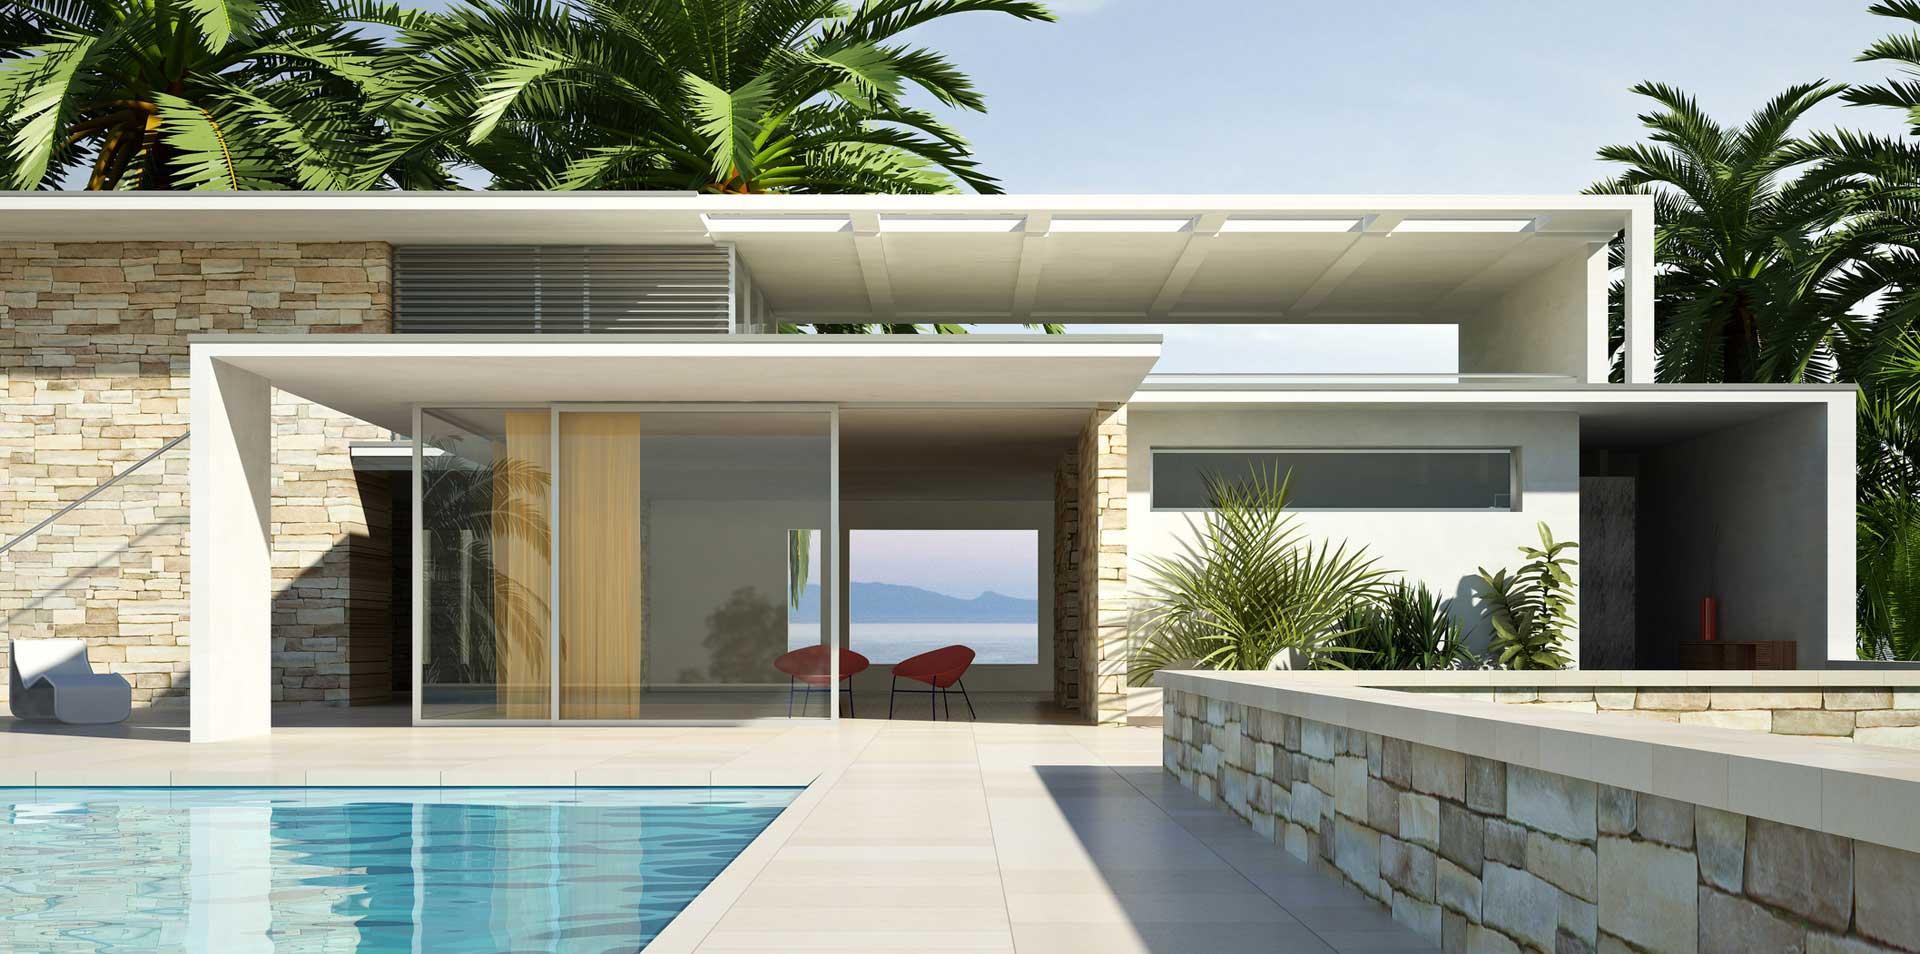 achat maison giens ventana blog. Black Bedroom Furniture Sets. Home Design Ideas